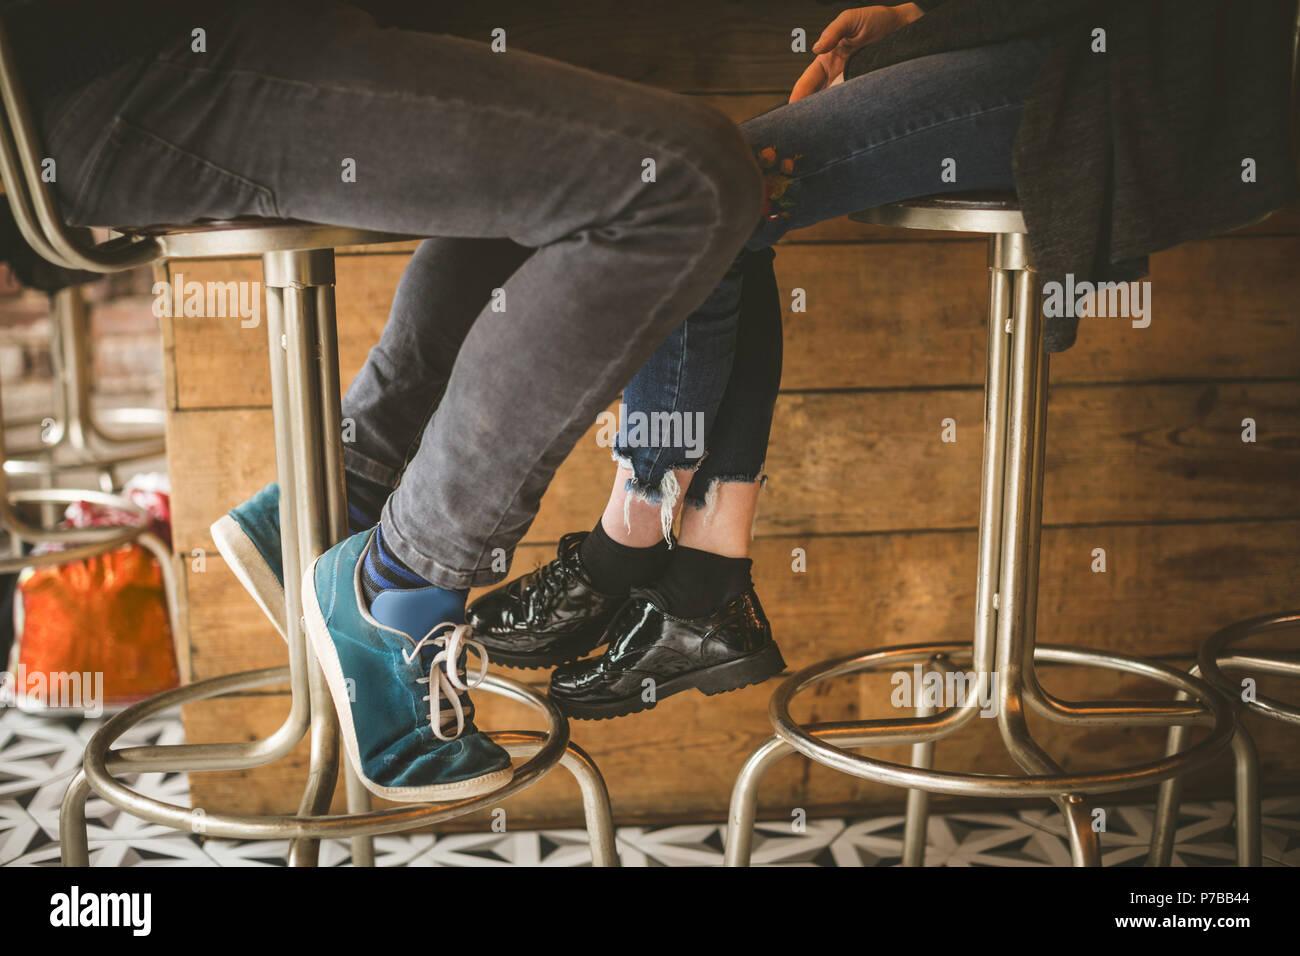 Las piernas de la pareja sentada en el mostrador de bar Imagen De Stock